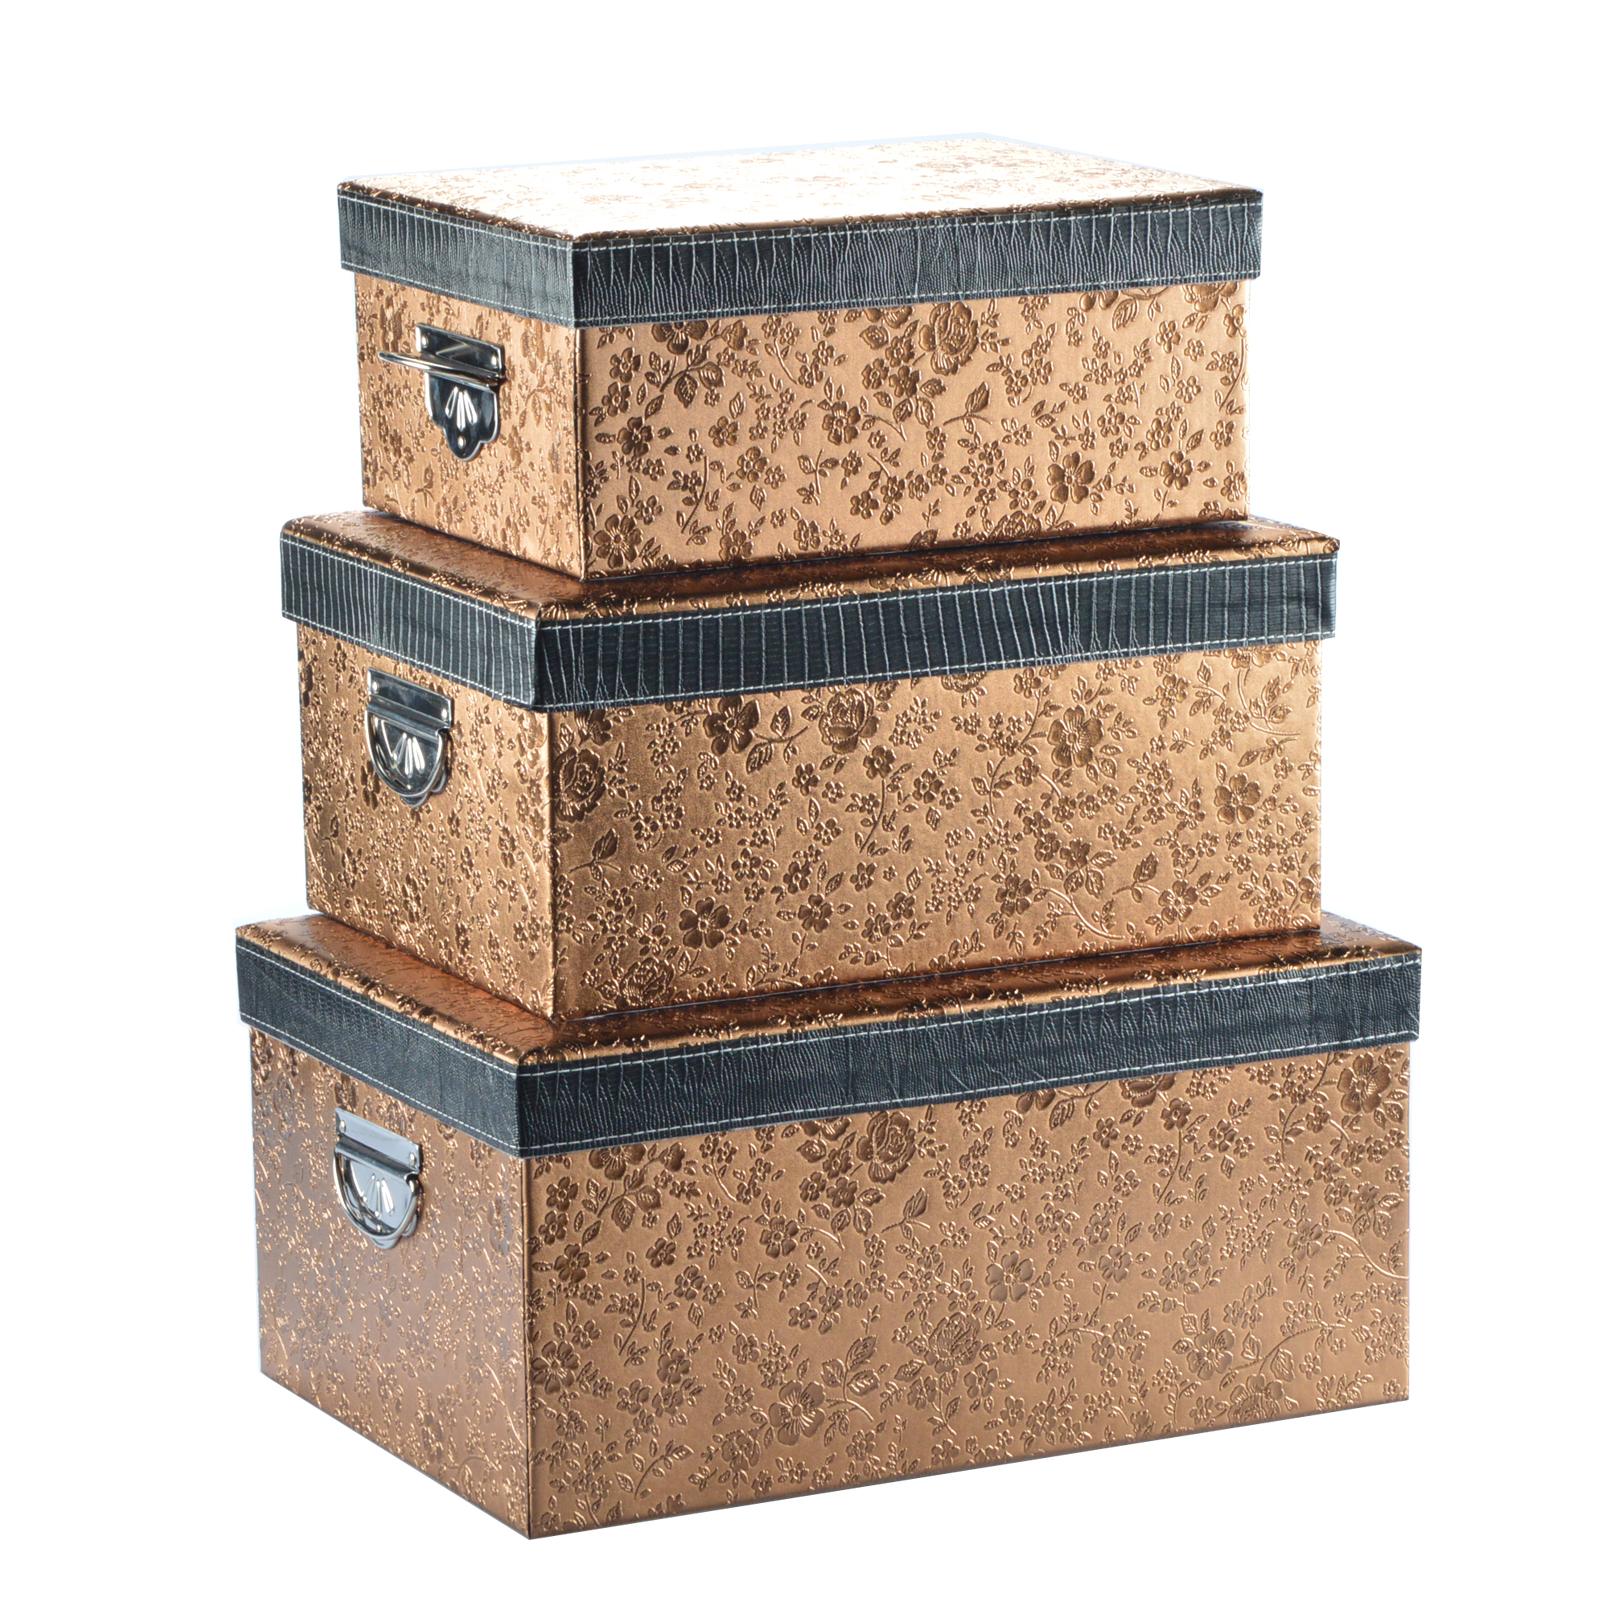 Deko Kisten deko kisten mit deckel dekoration ideen